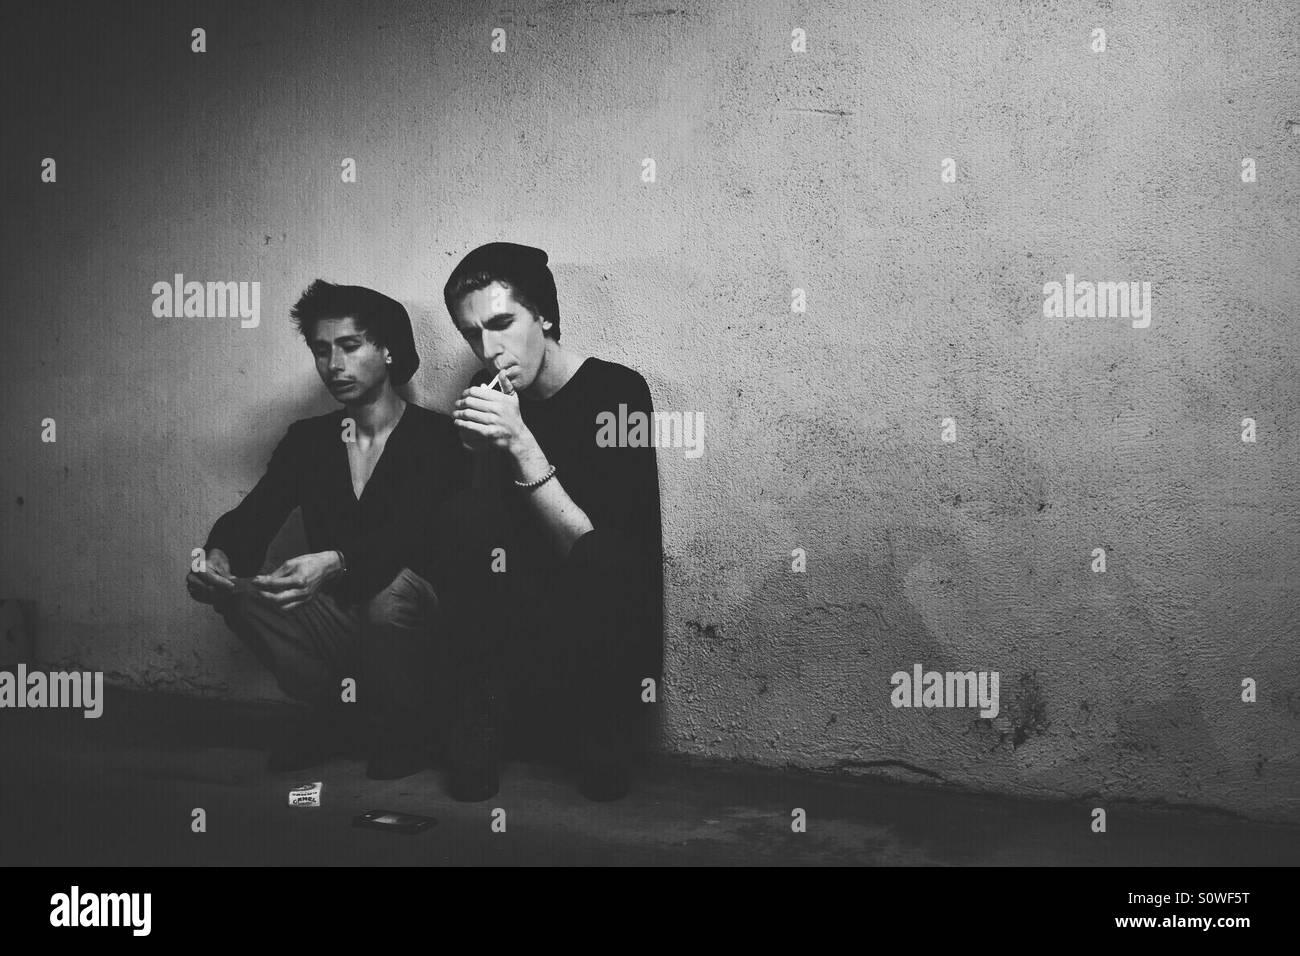 Deux jeunes hommes en noir s'asseoir contre un mur de briques. Photo Stock